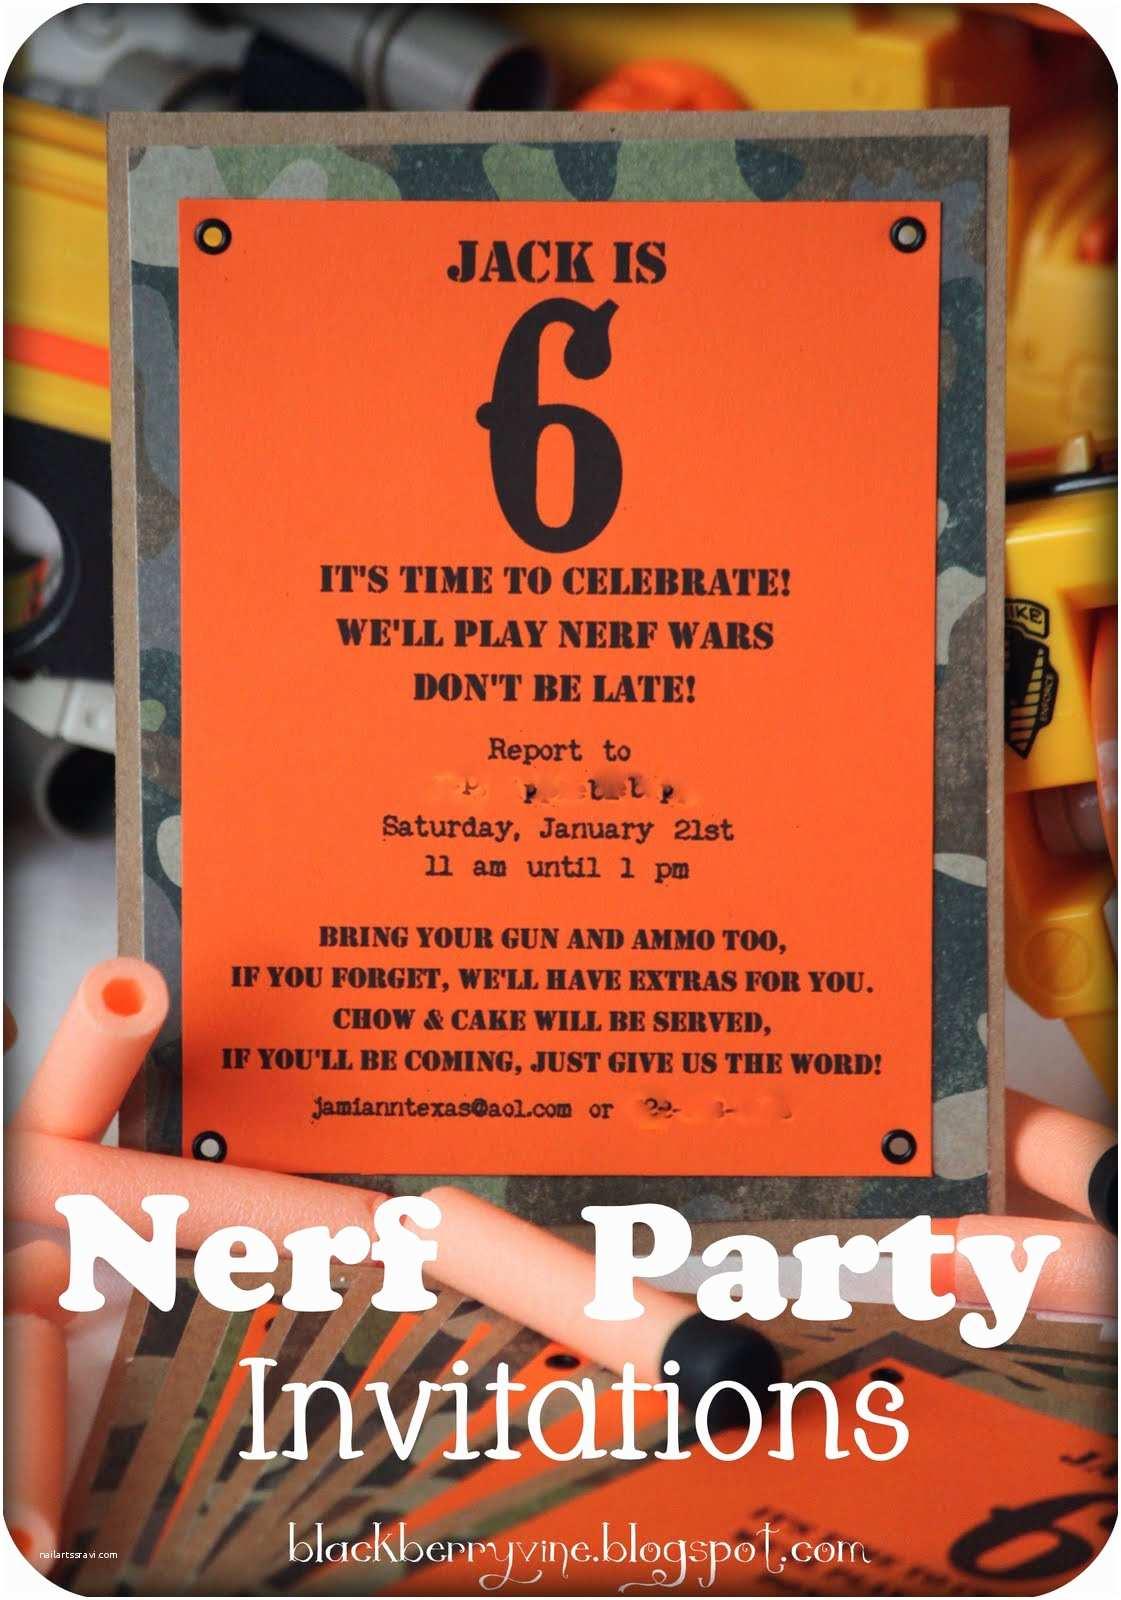 Nerf Birthday Party Invitations the Blackberry Vine Nerf Party Invitation